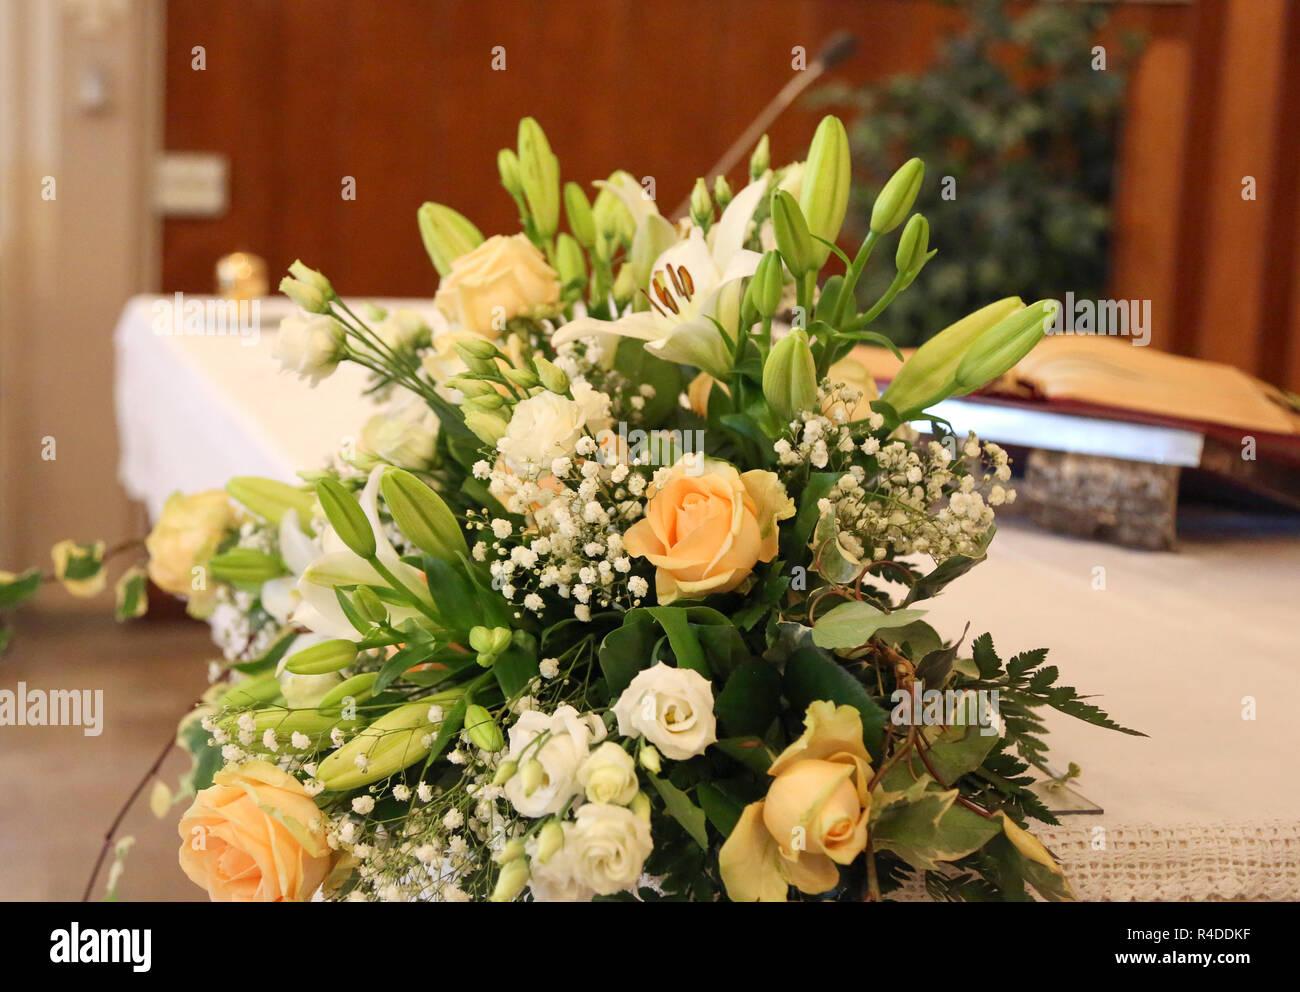 Weiß Und Rosa Blumen Schmücken Den Altar Einer Kirche Für